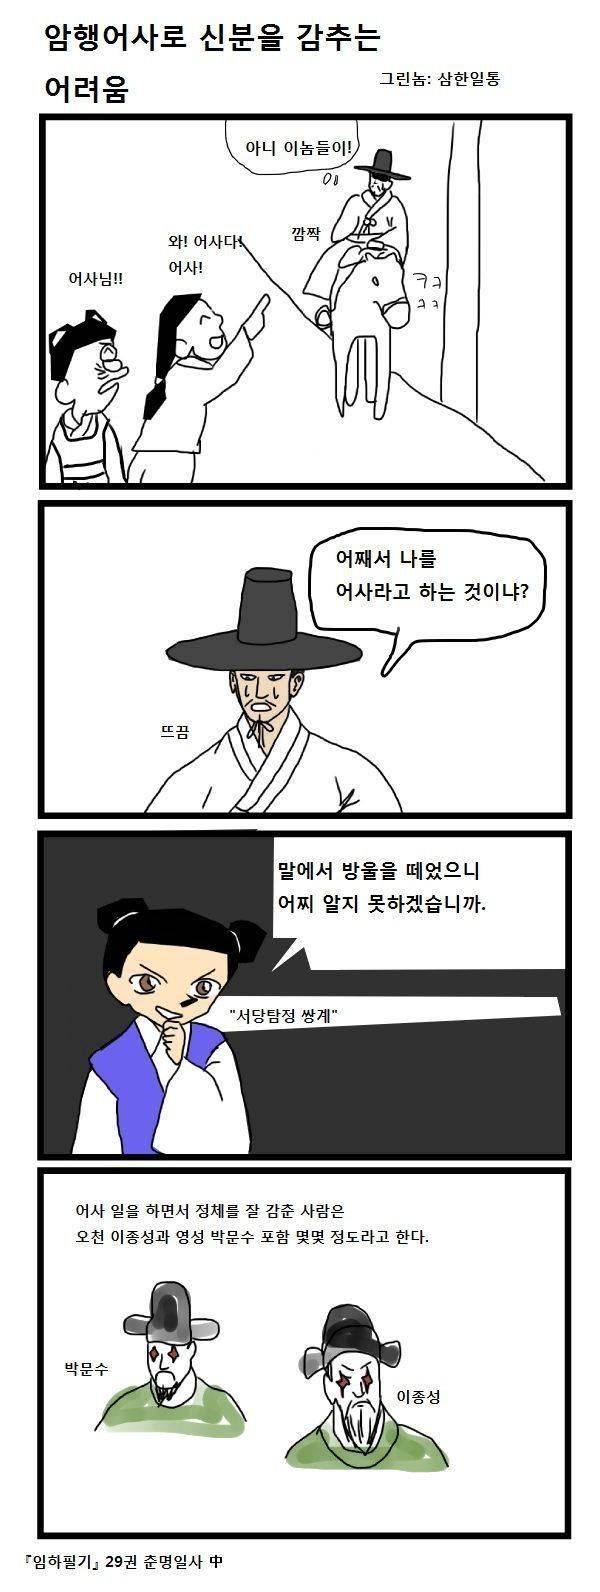 삼한일통 만화] 암행어사로 신분을 감추는 어려움   인스티즈